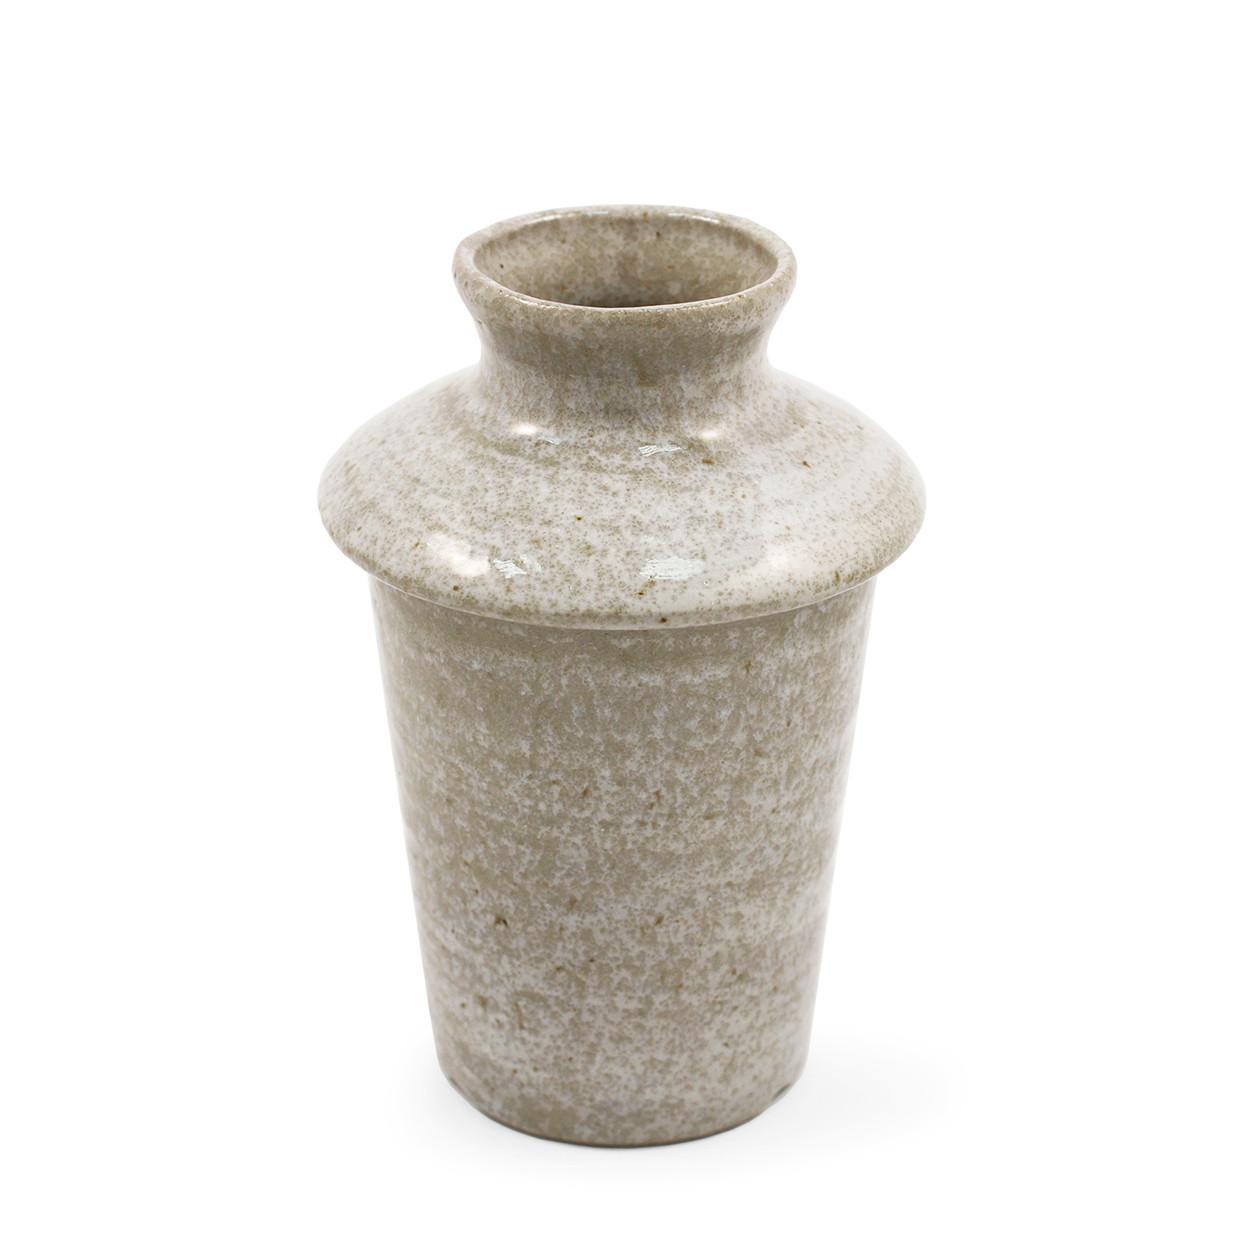 Seiji Brushstroke Ceramic Sake Server 10.8 oz